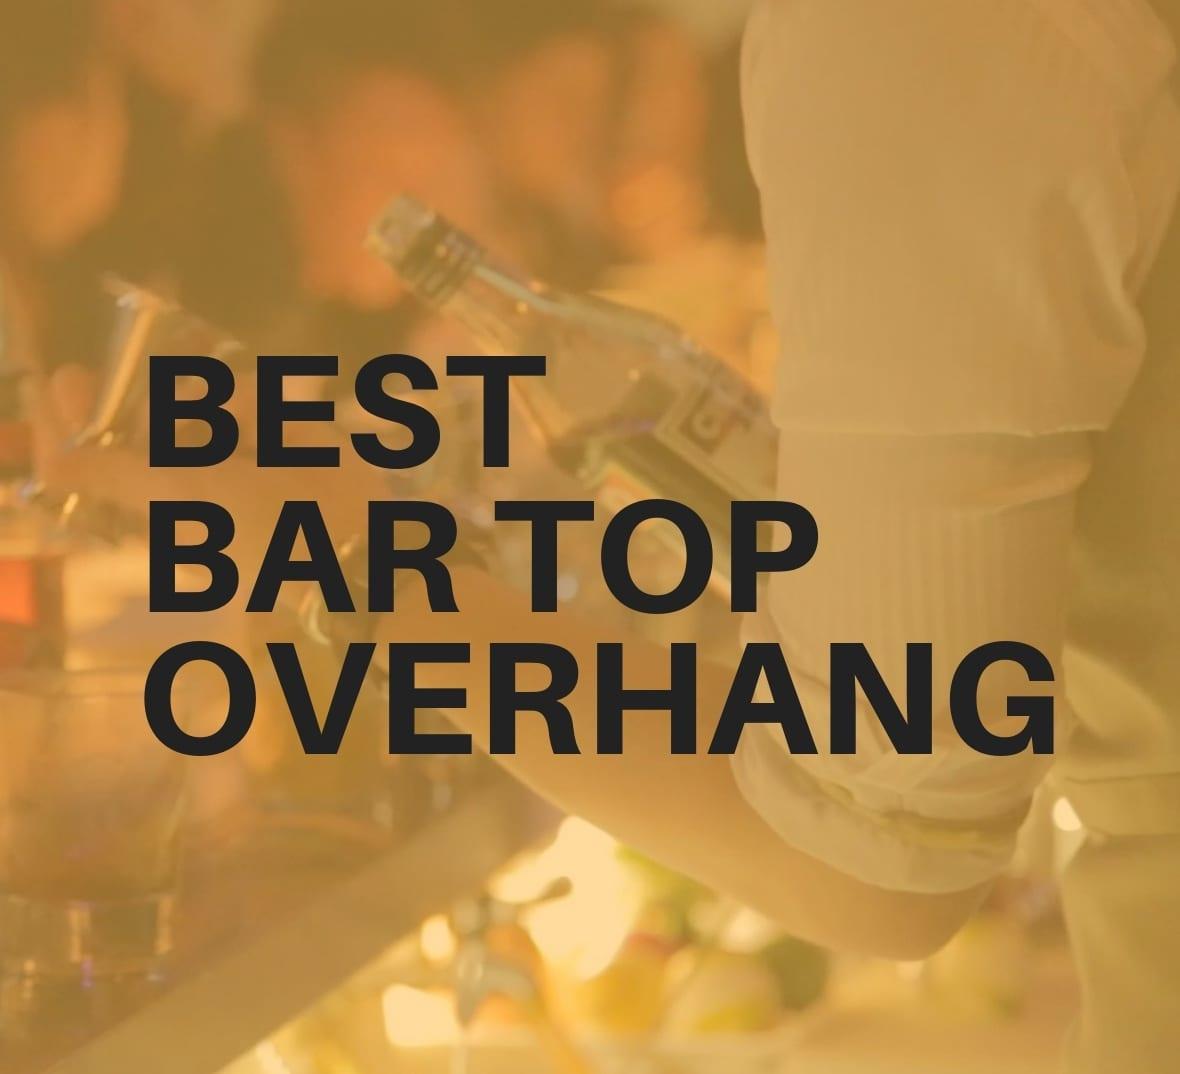 Best bar top overhang